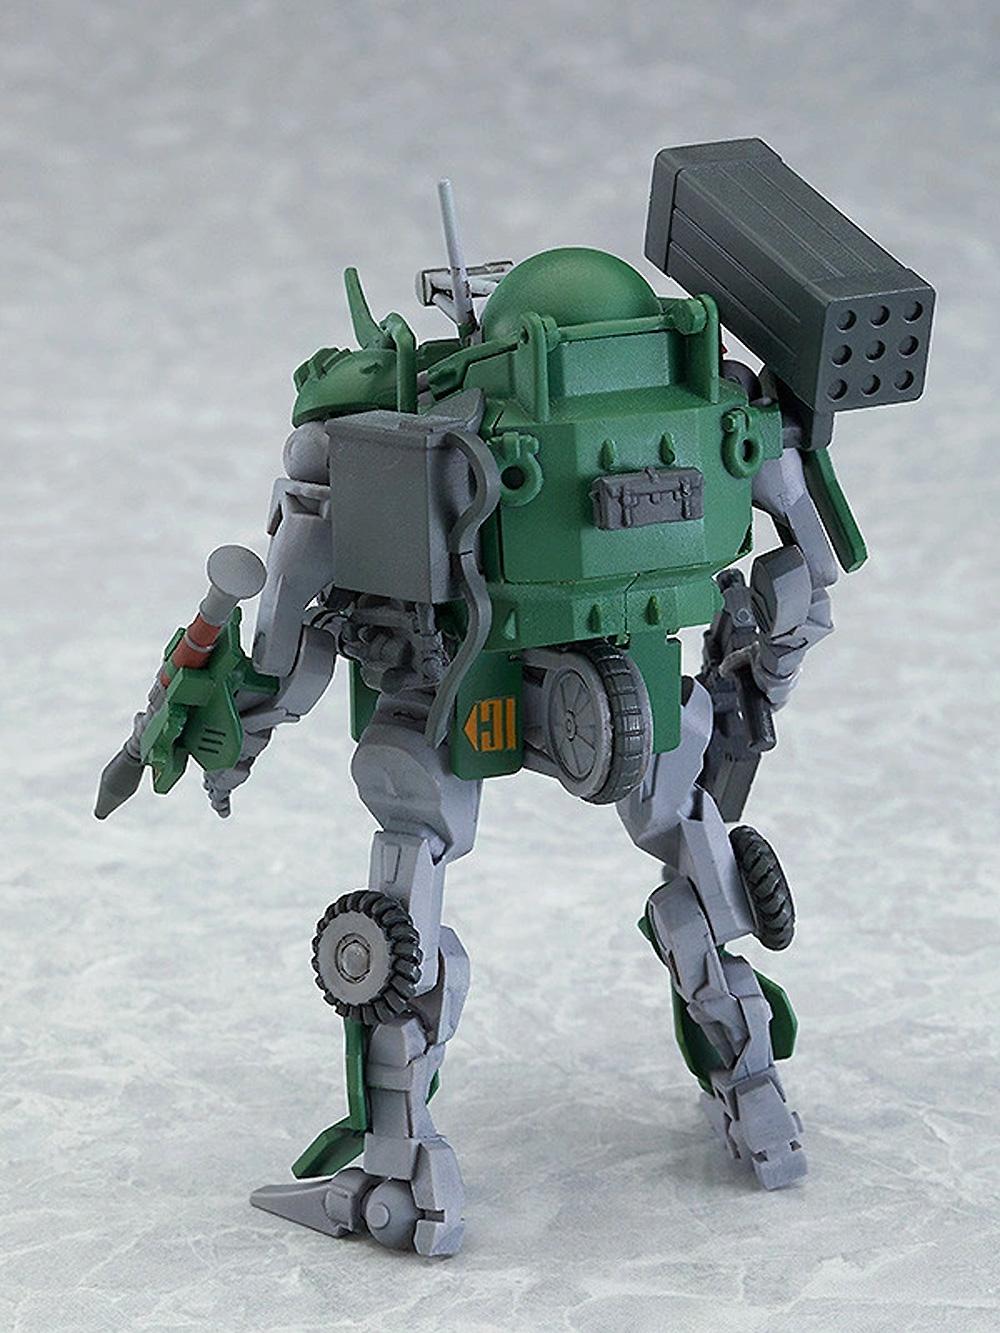 RSC装甲騎兵型 エグゾフレームプラモデル(グッドスマイルカンパニーMODEROID (モデロイド)No.139213)商品画像_4